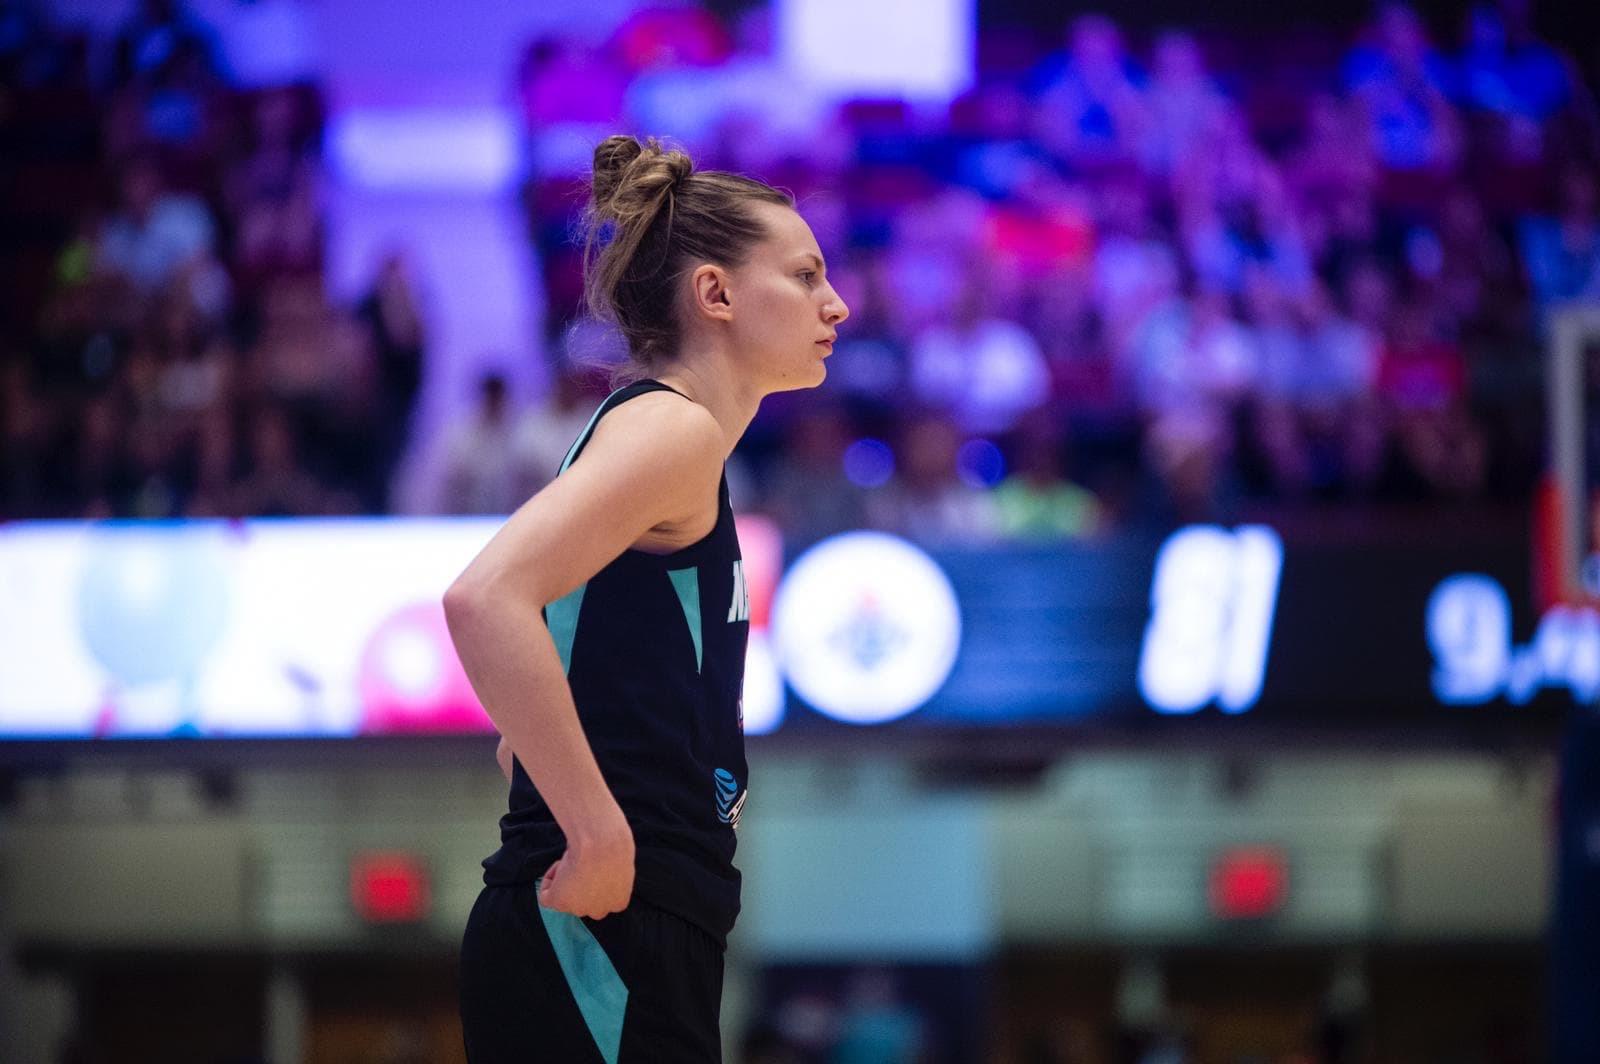 Après avoir brillé avec Bourges pendant trois saisons, Marine Johannès est partie vivre son rêve américain, recrutée par le Liberty de New York en WNBA.